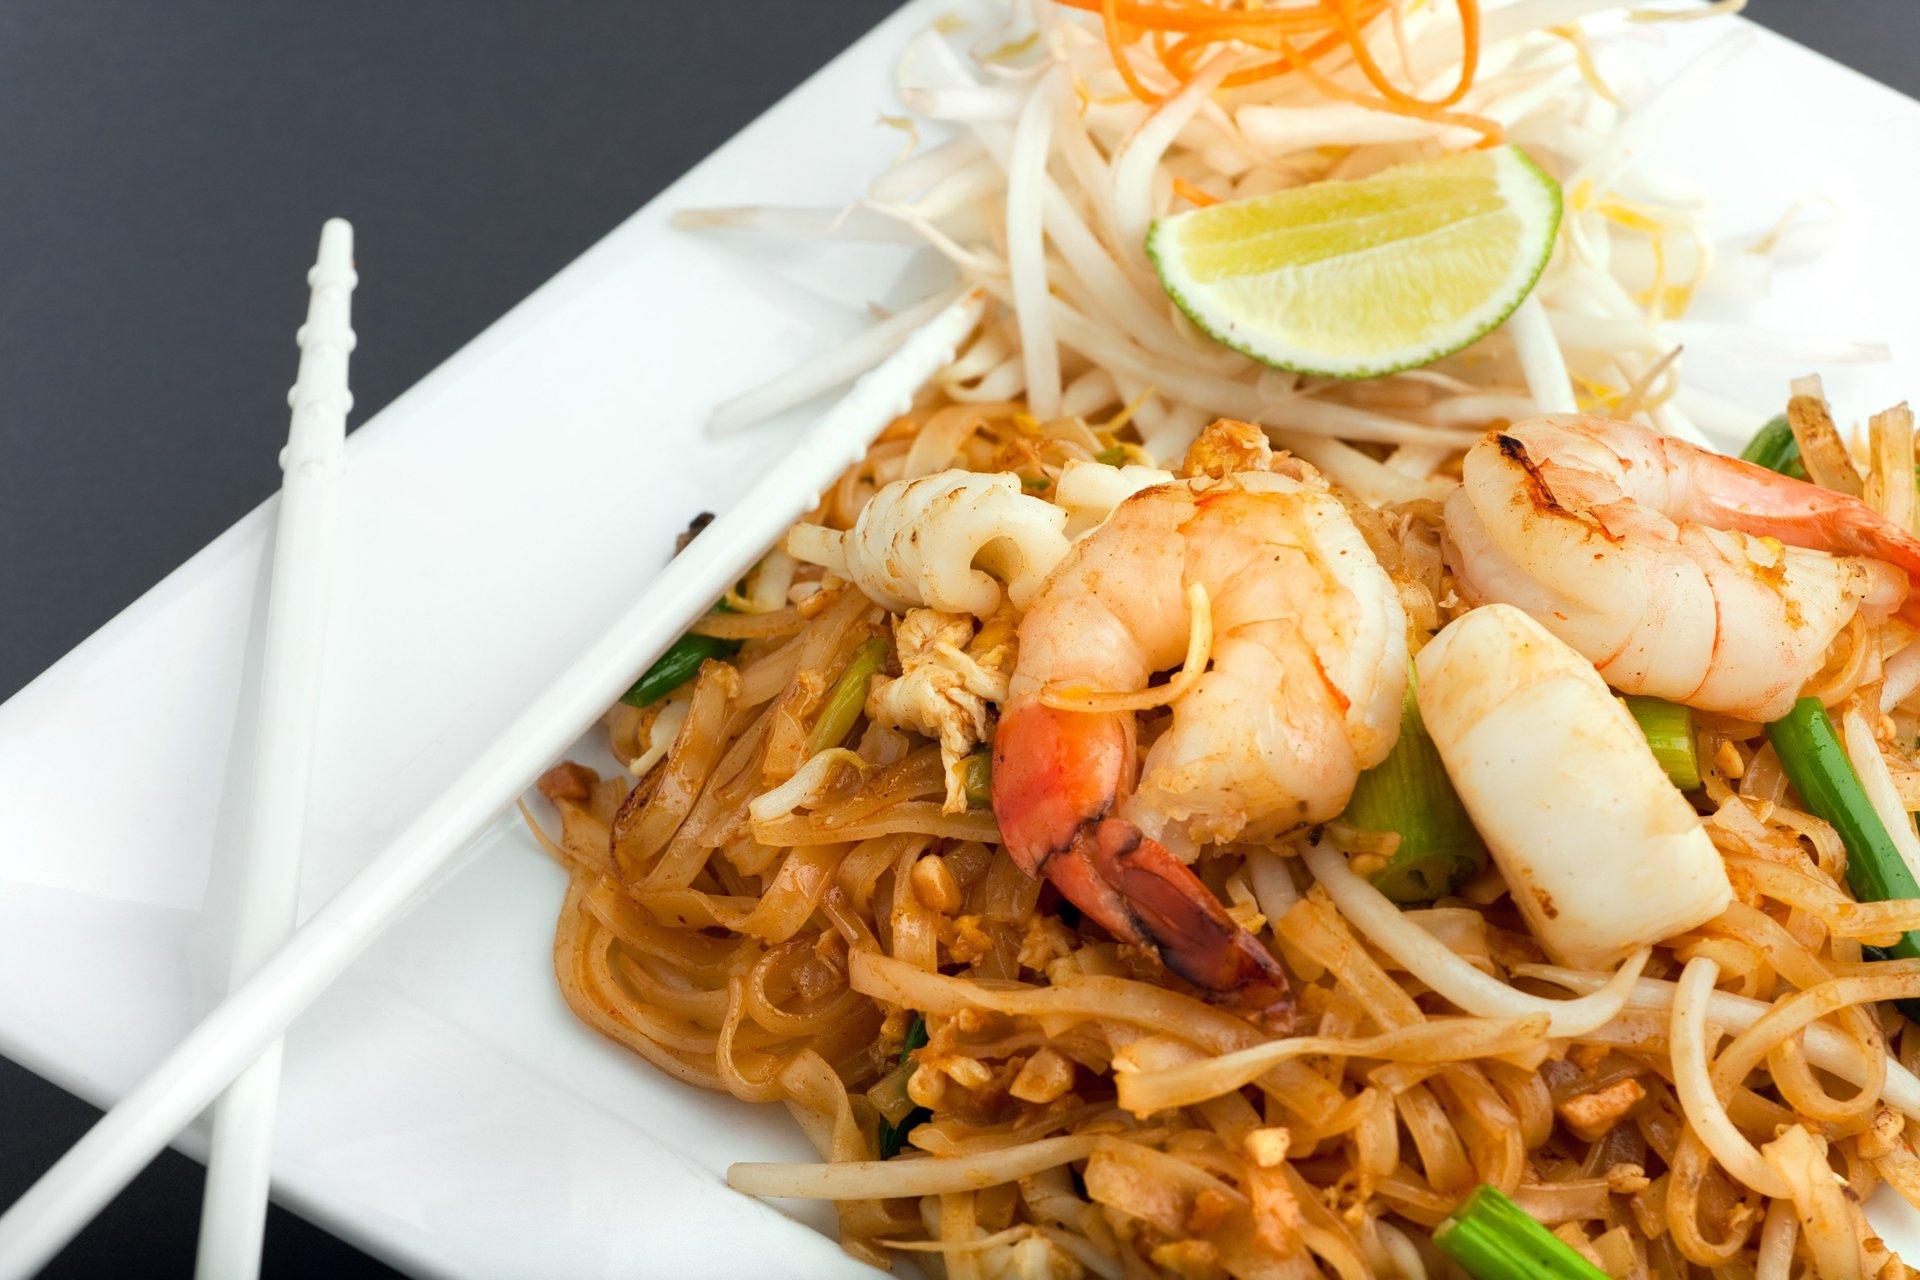 Thai Food Delivery San Francisco, CA